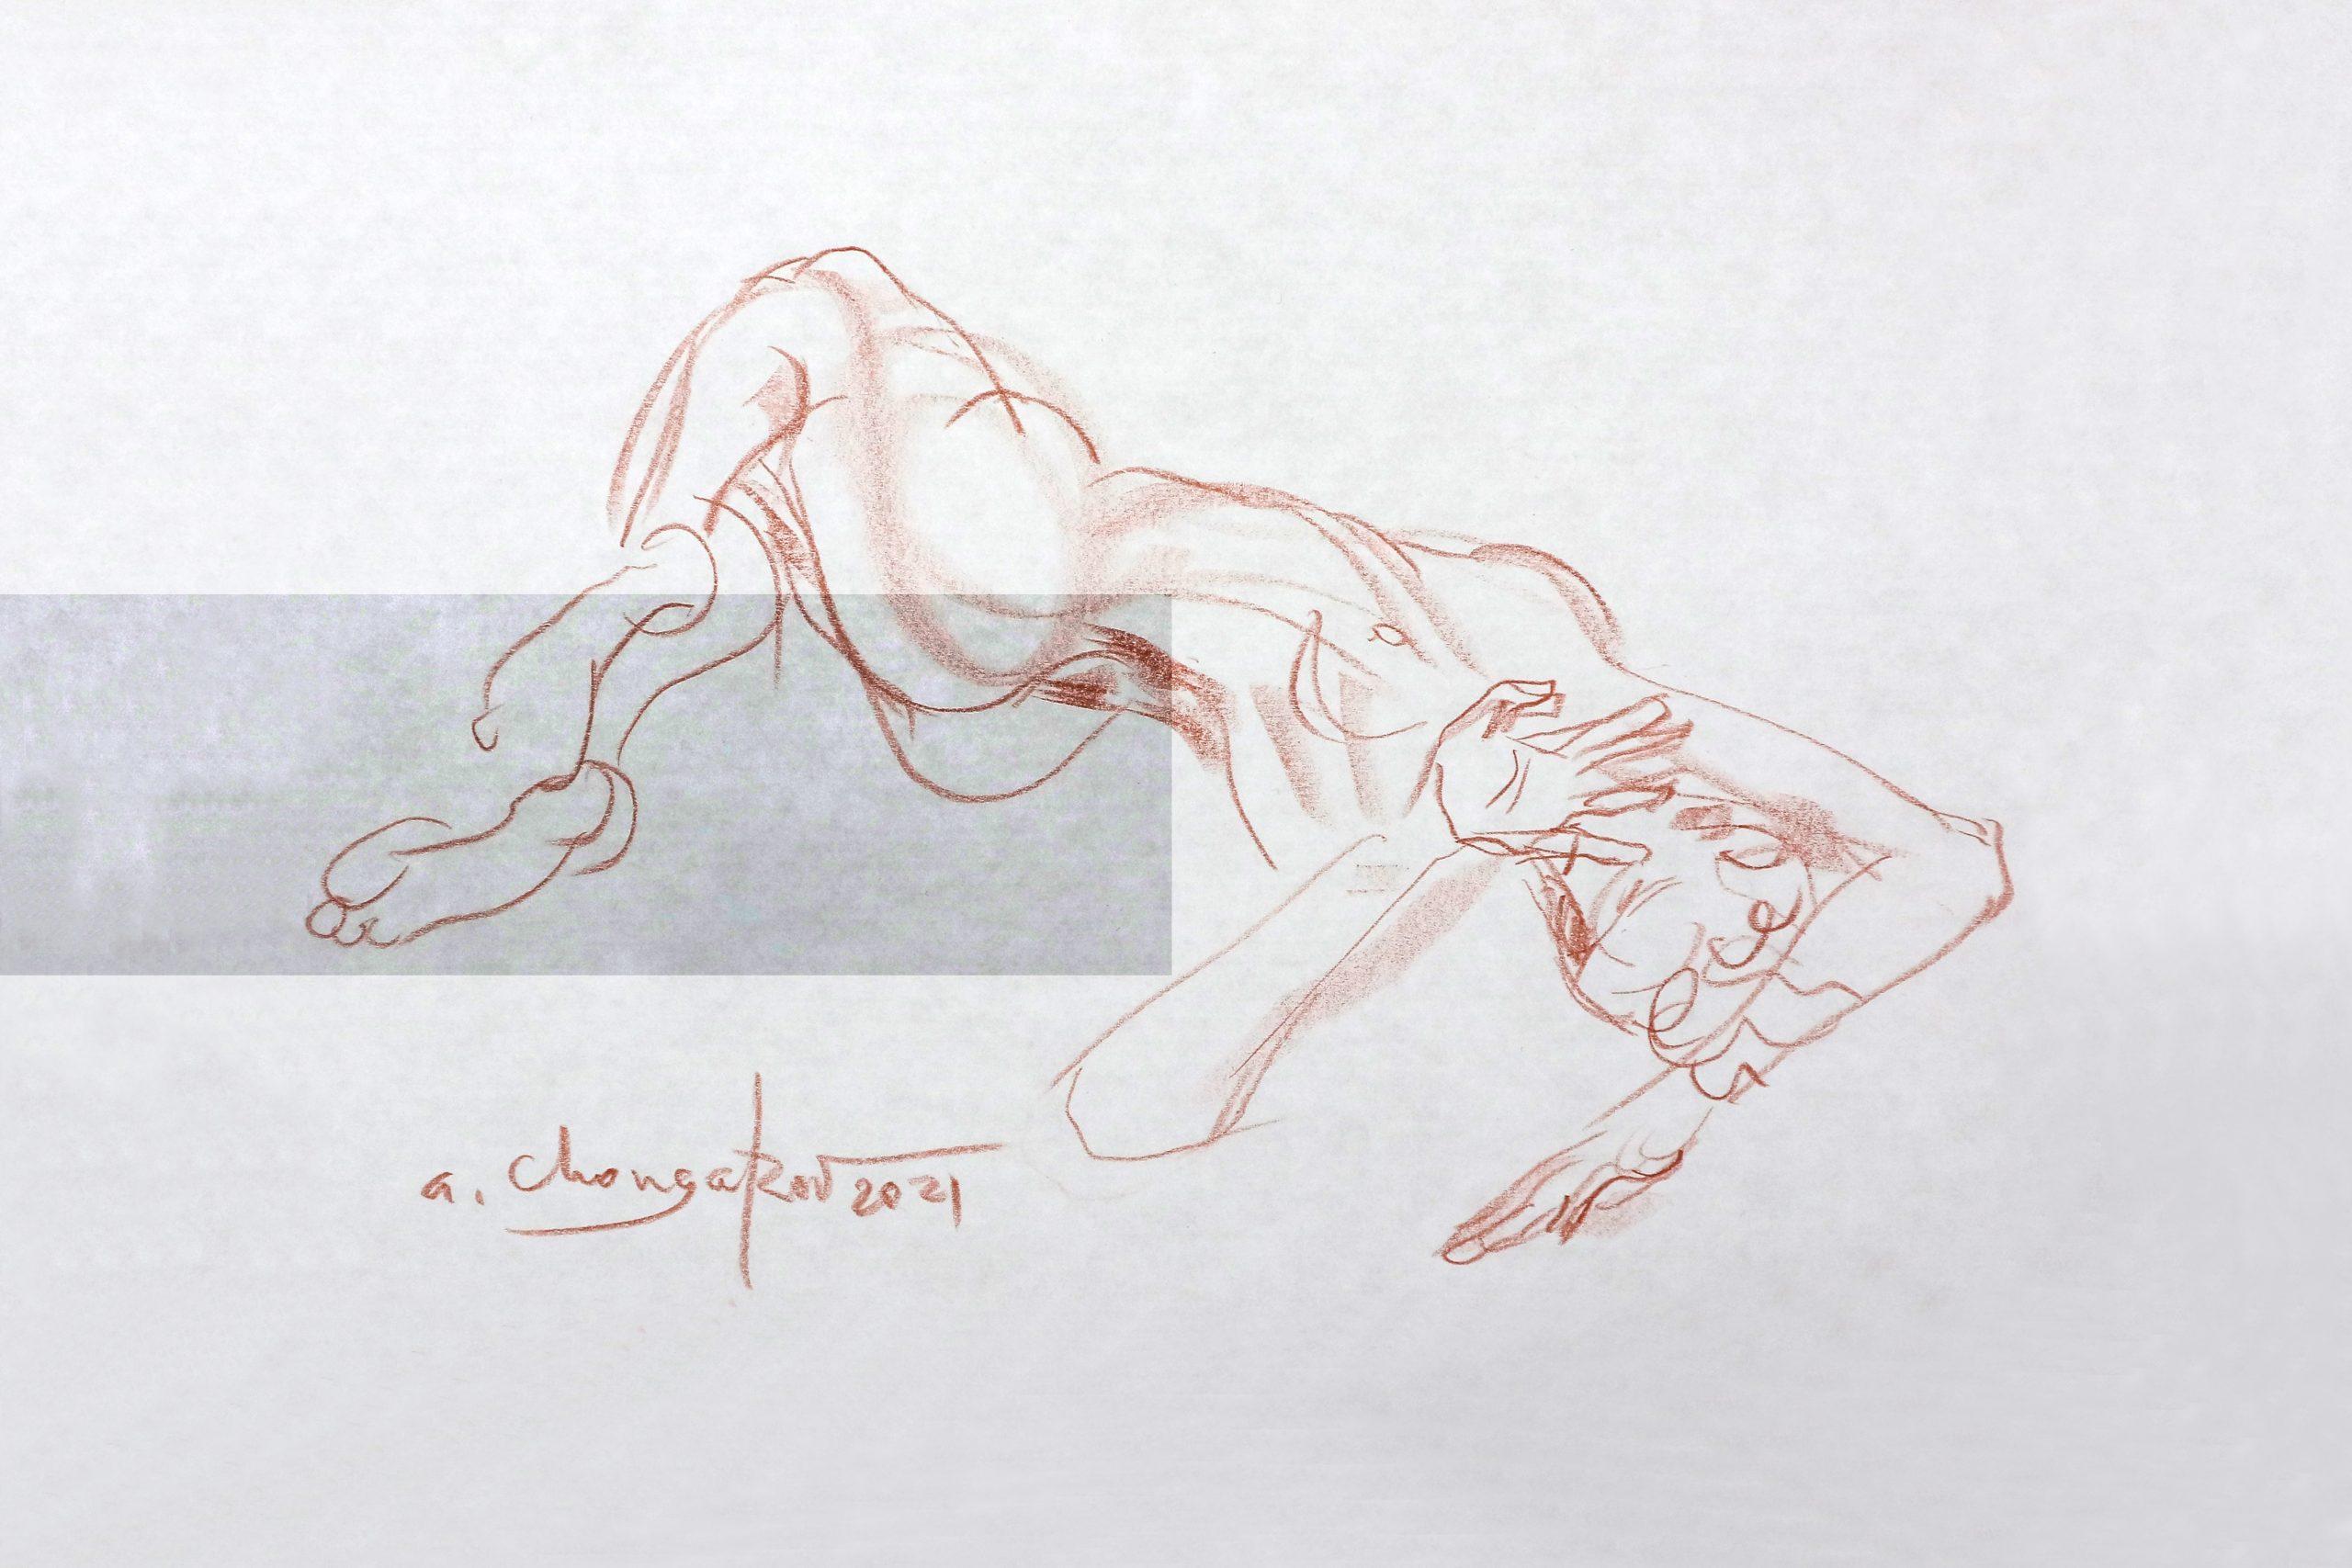 ATANAS CHONGAROV ART STUDIO